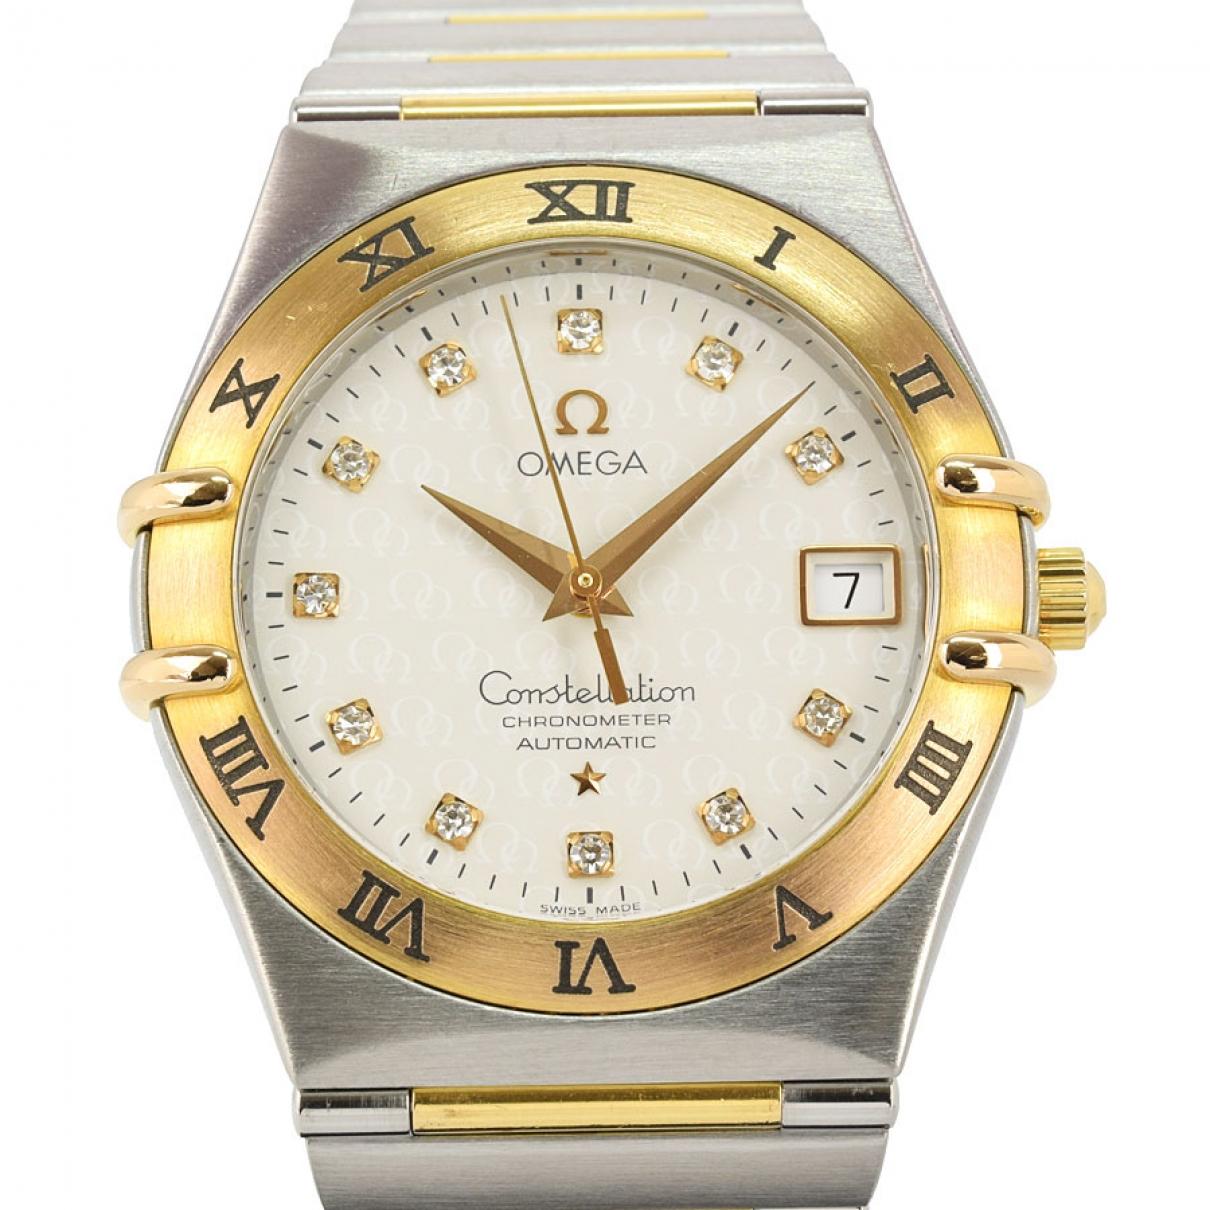 Omega - Montre Constellation pour homme en or et acier - argente